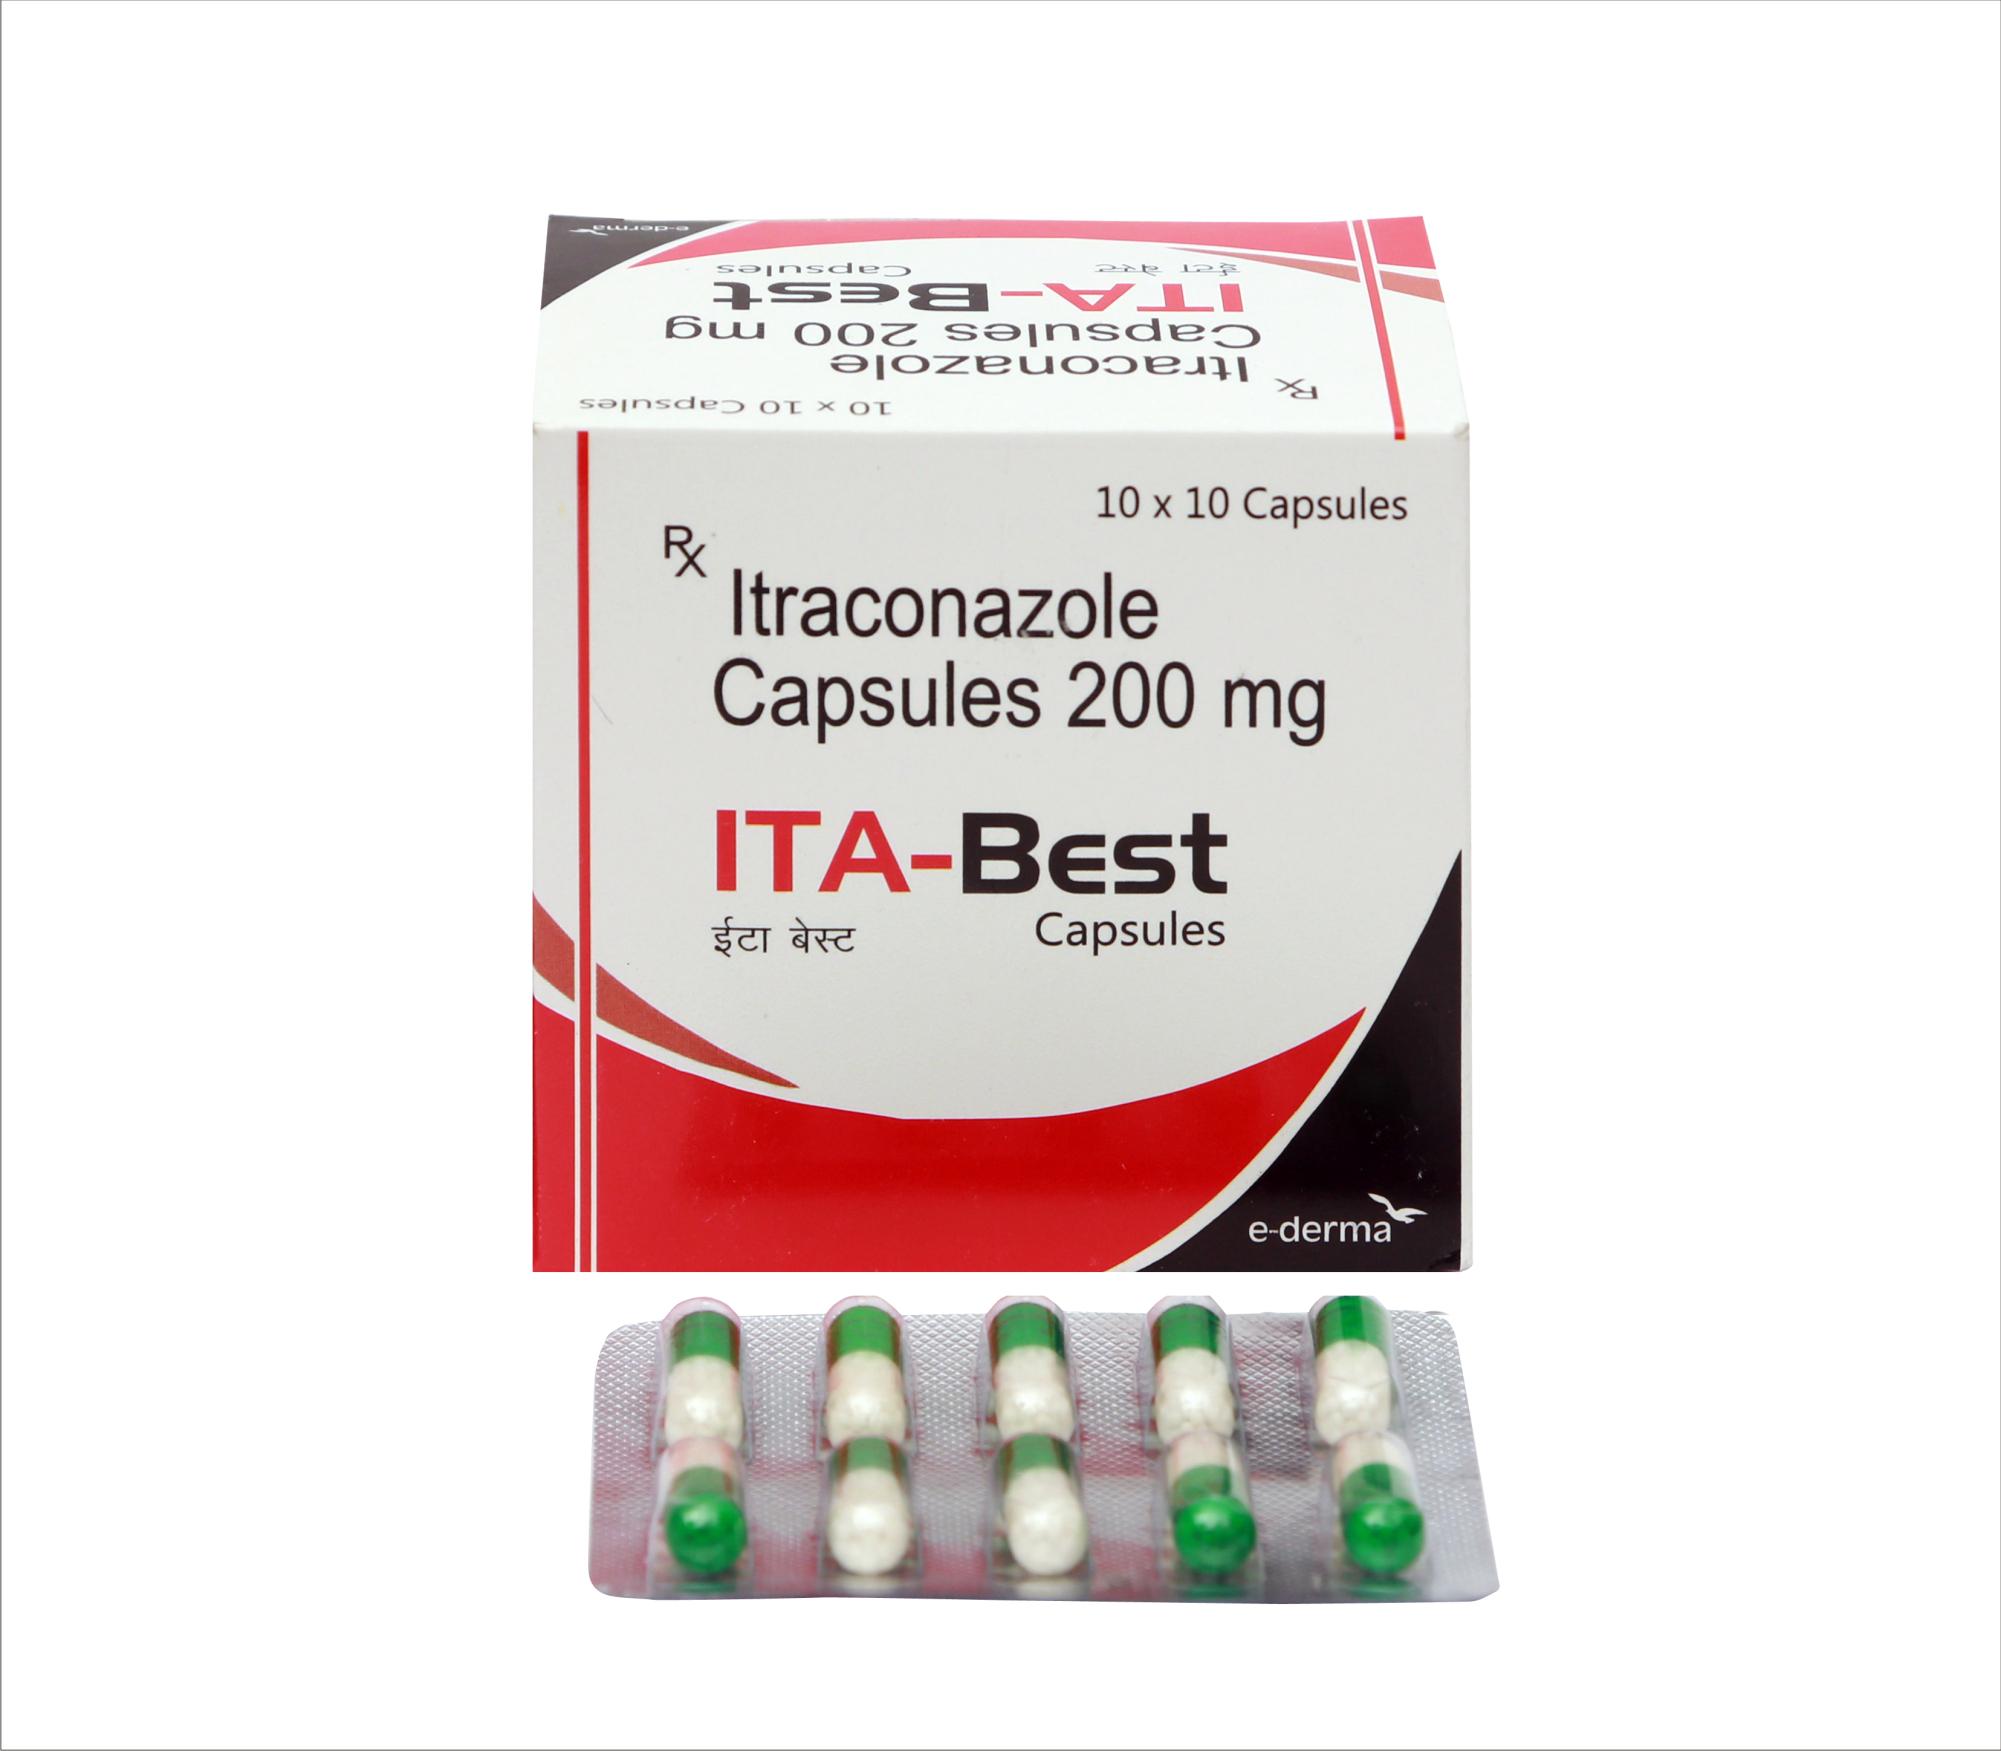 ITRACONAZOLE CAPSULES